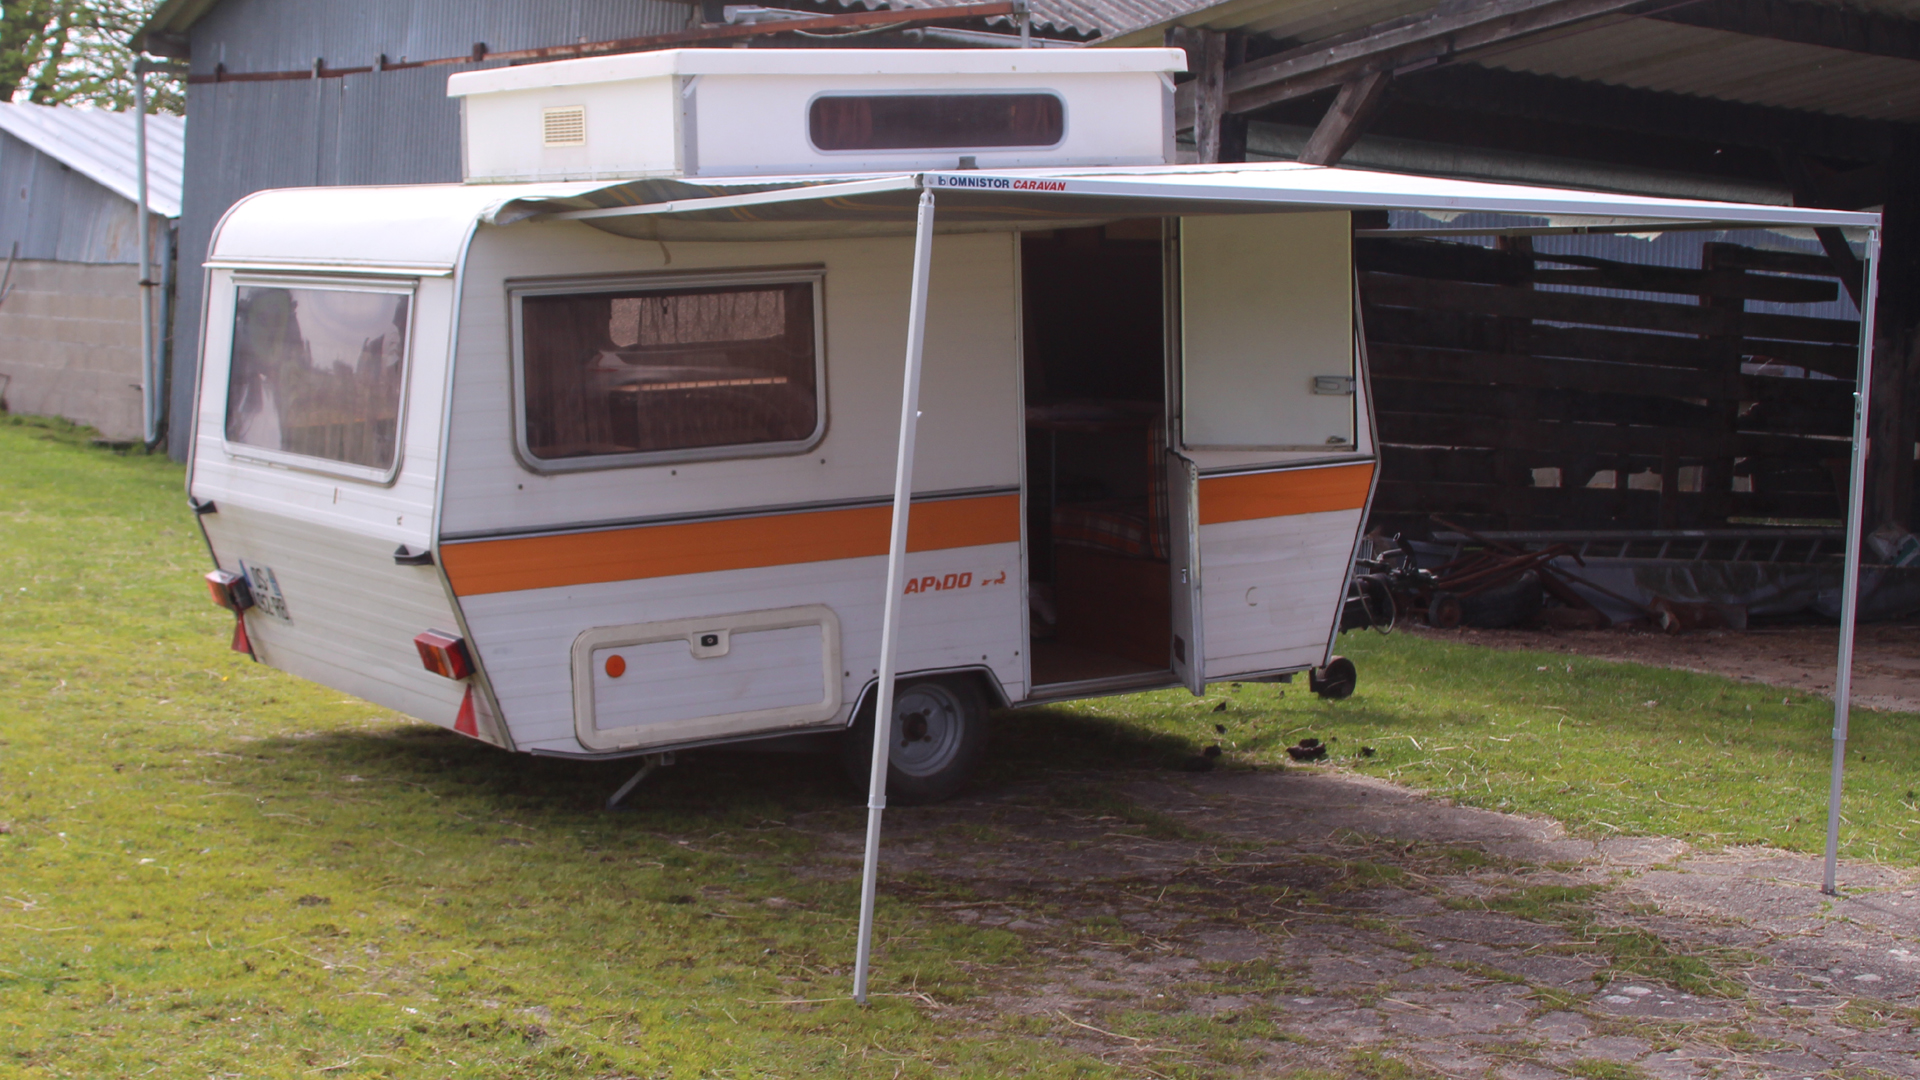 caravane surbaiss e occasion annonces de caravanes d 39 occasion caravane occasion. Black Bedroom Furniture Sets. Home Design Ideas